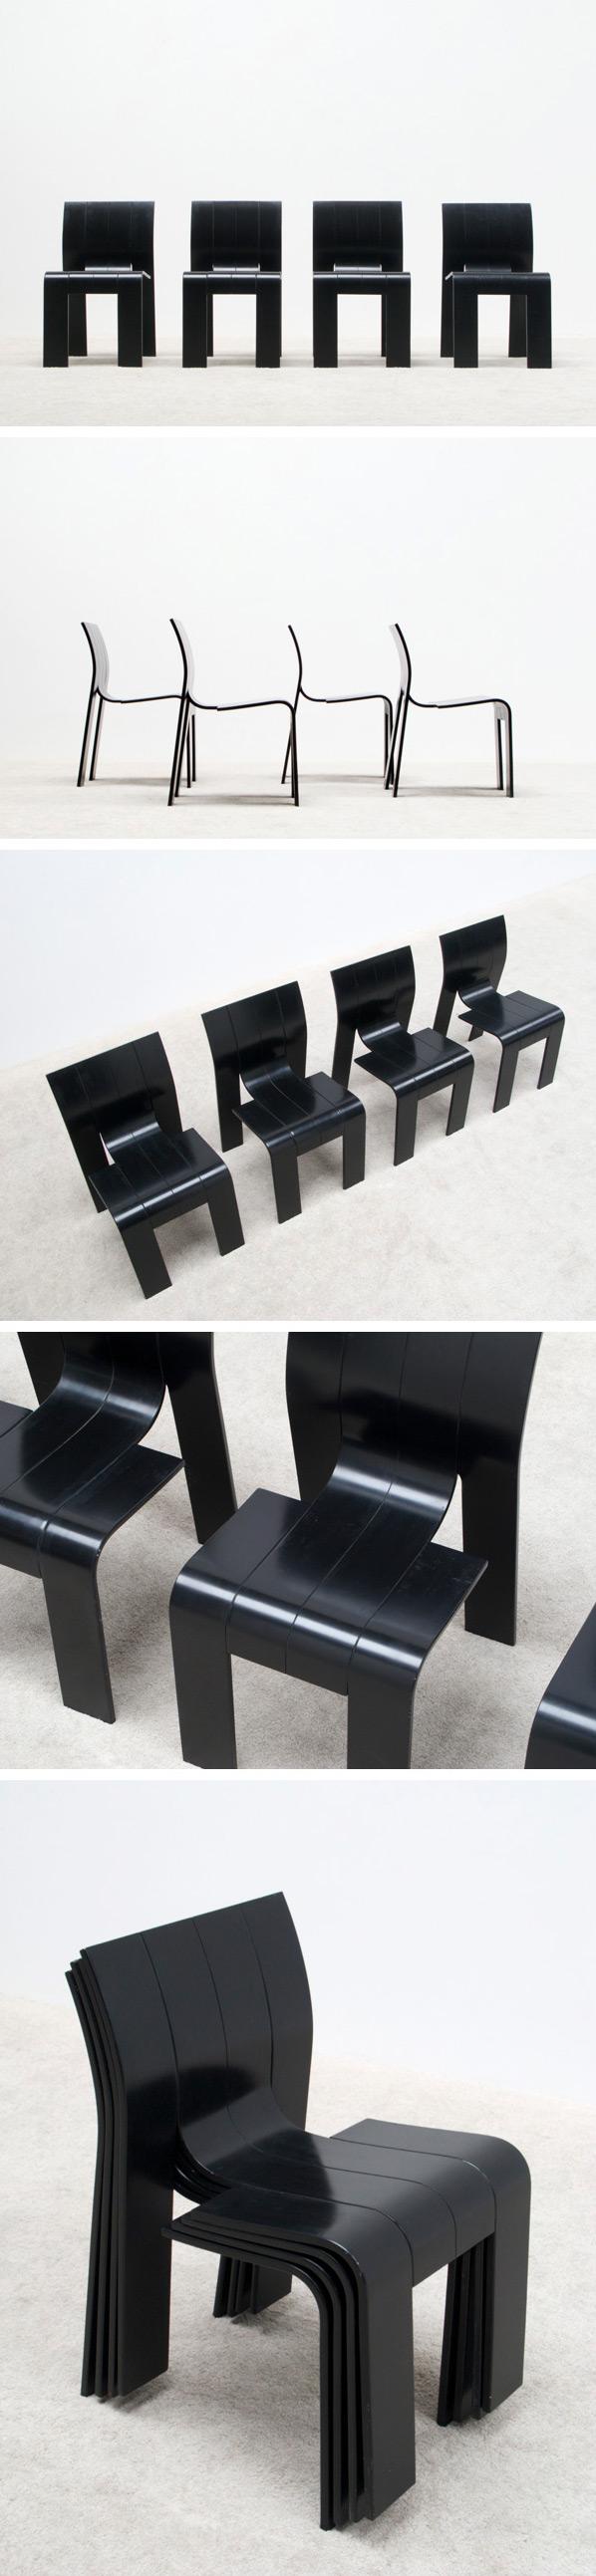 Gijs Bakker 4 strip chairs SC for Castelijn Large